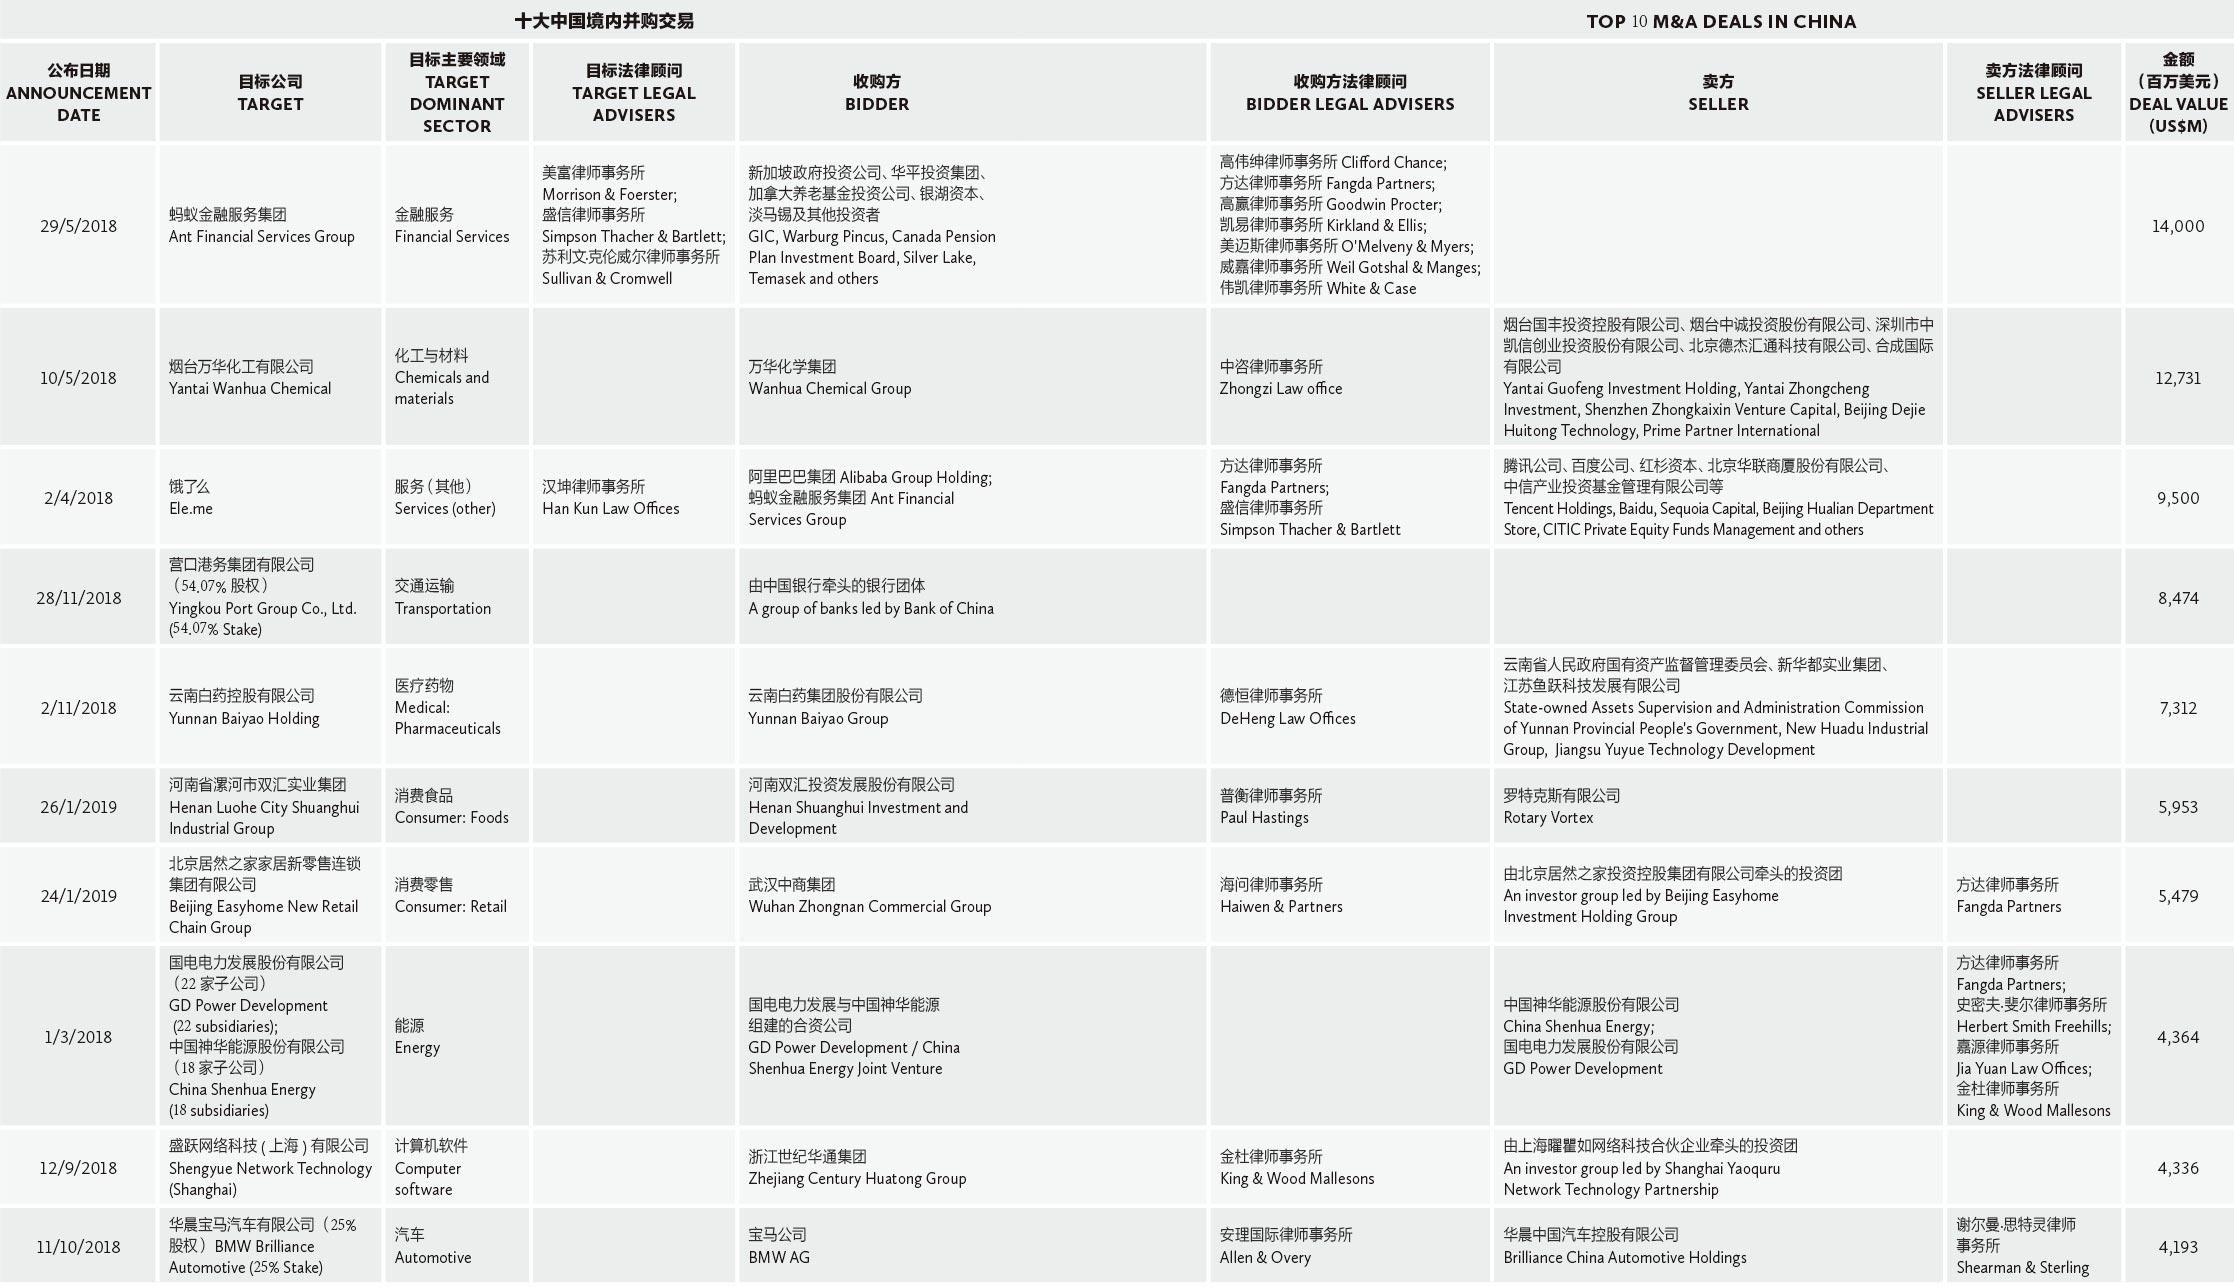 十大中国境内并购交易-Top-10-M&A-deals-in-China